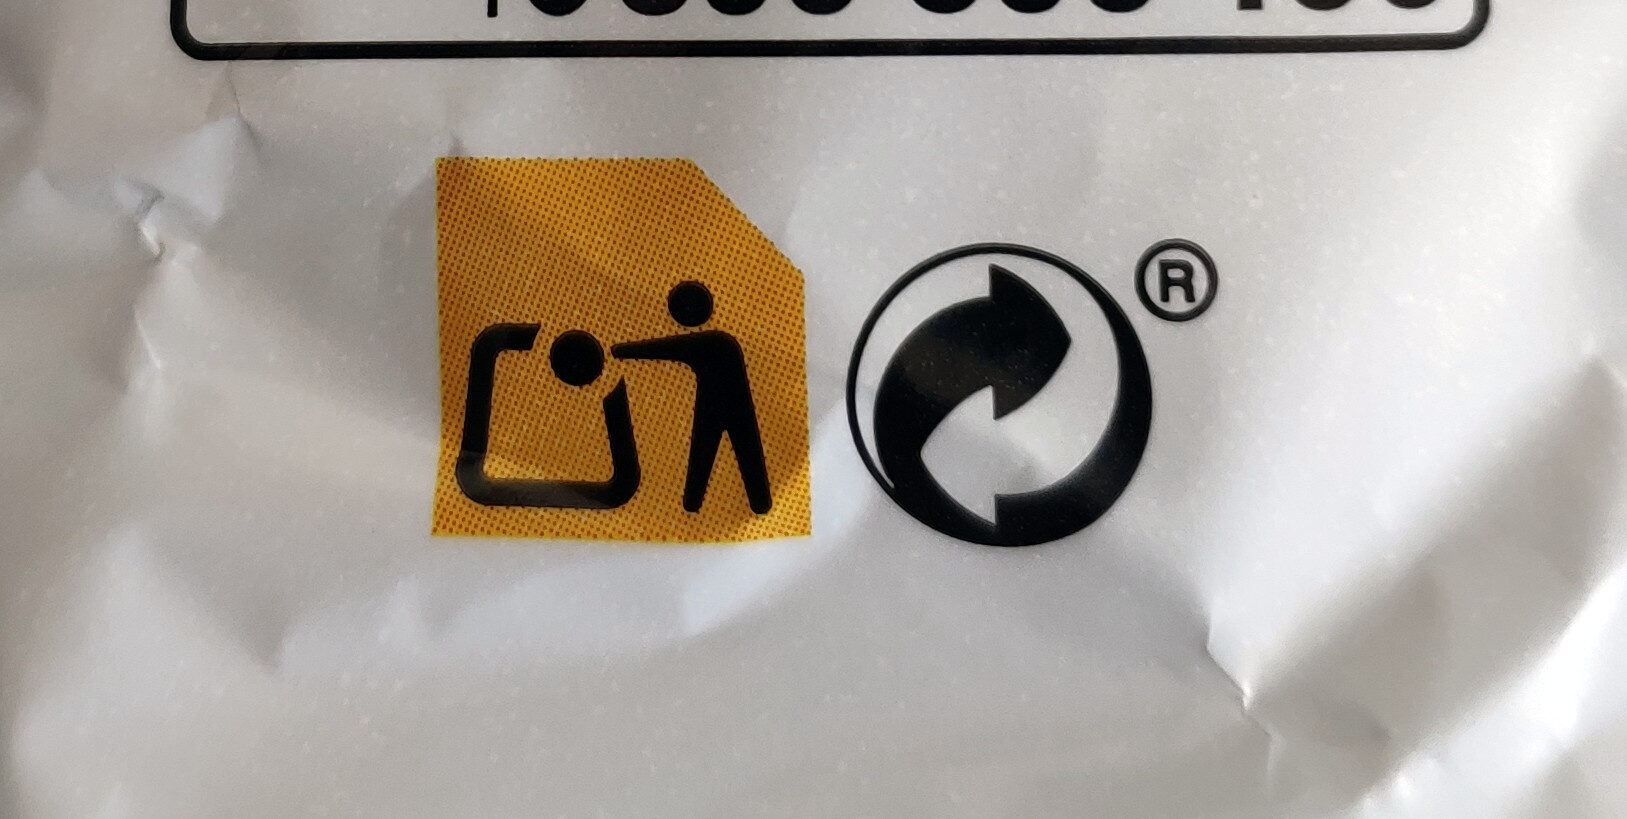 Cuquitos - Istruzioni per il riciclaggio e/o informazioni sull'imballaggio - es